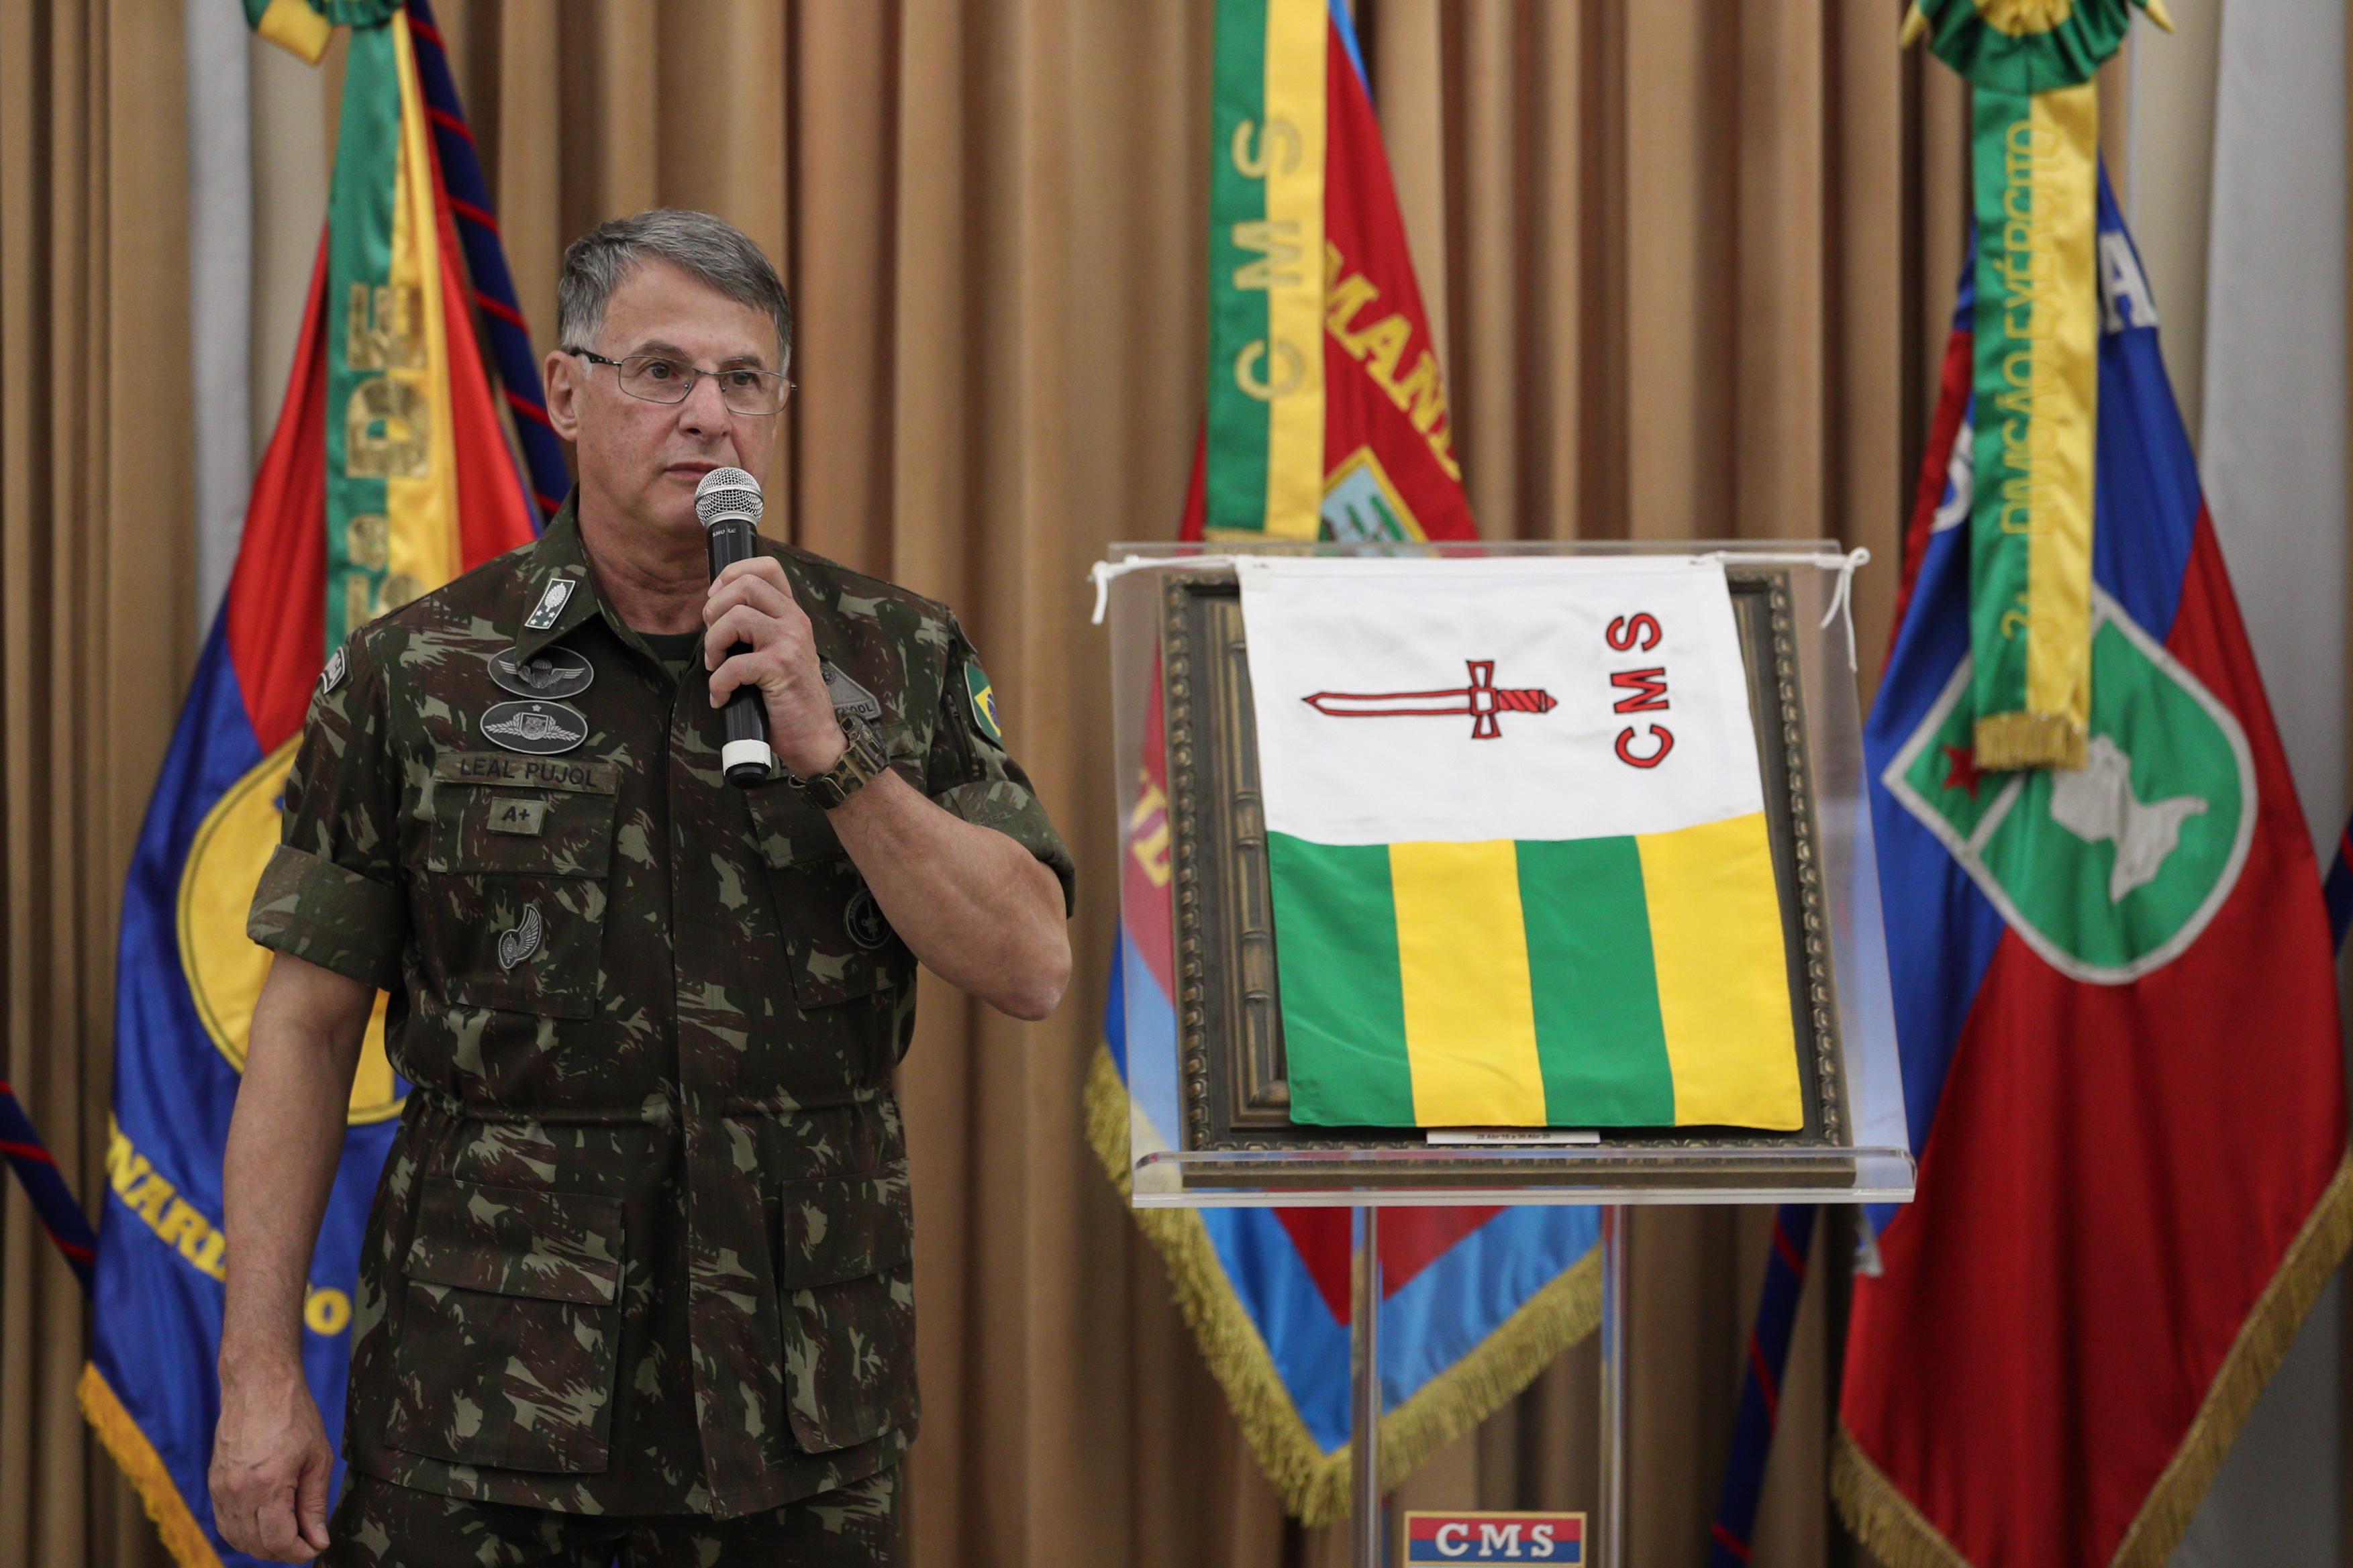 IMAGEM: Declarações de Bolsonaro geraram mal-estar entre militares